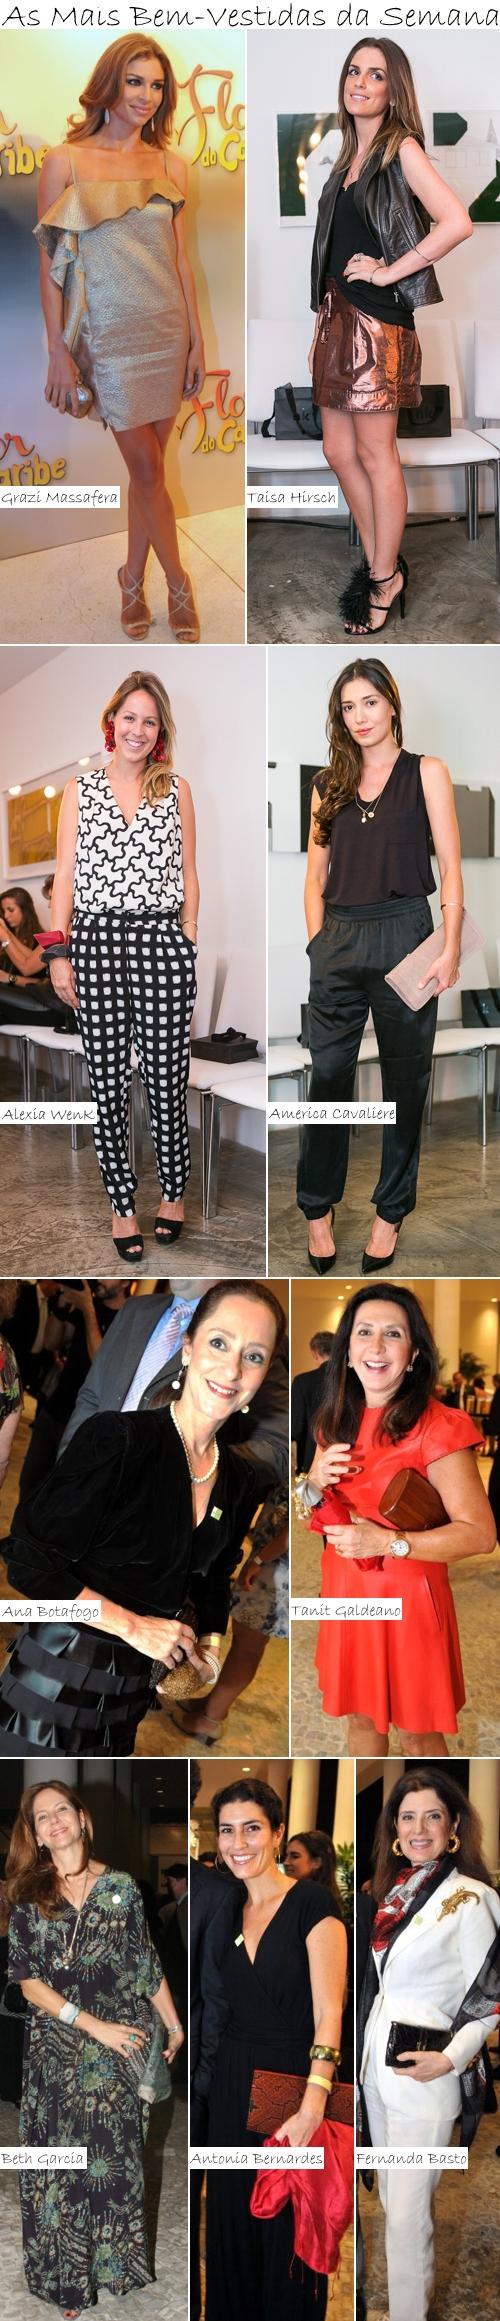 As Mais Bem-Vestidas da Semana - 23 de fev